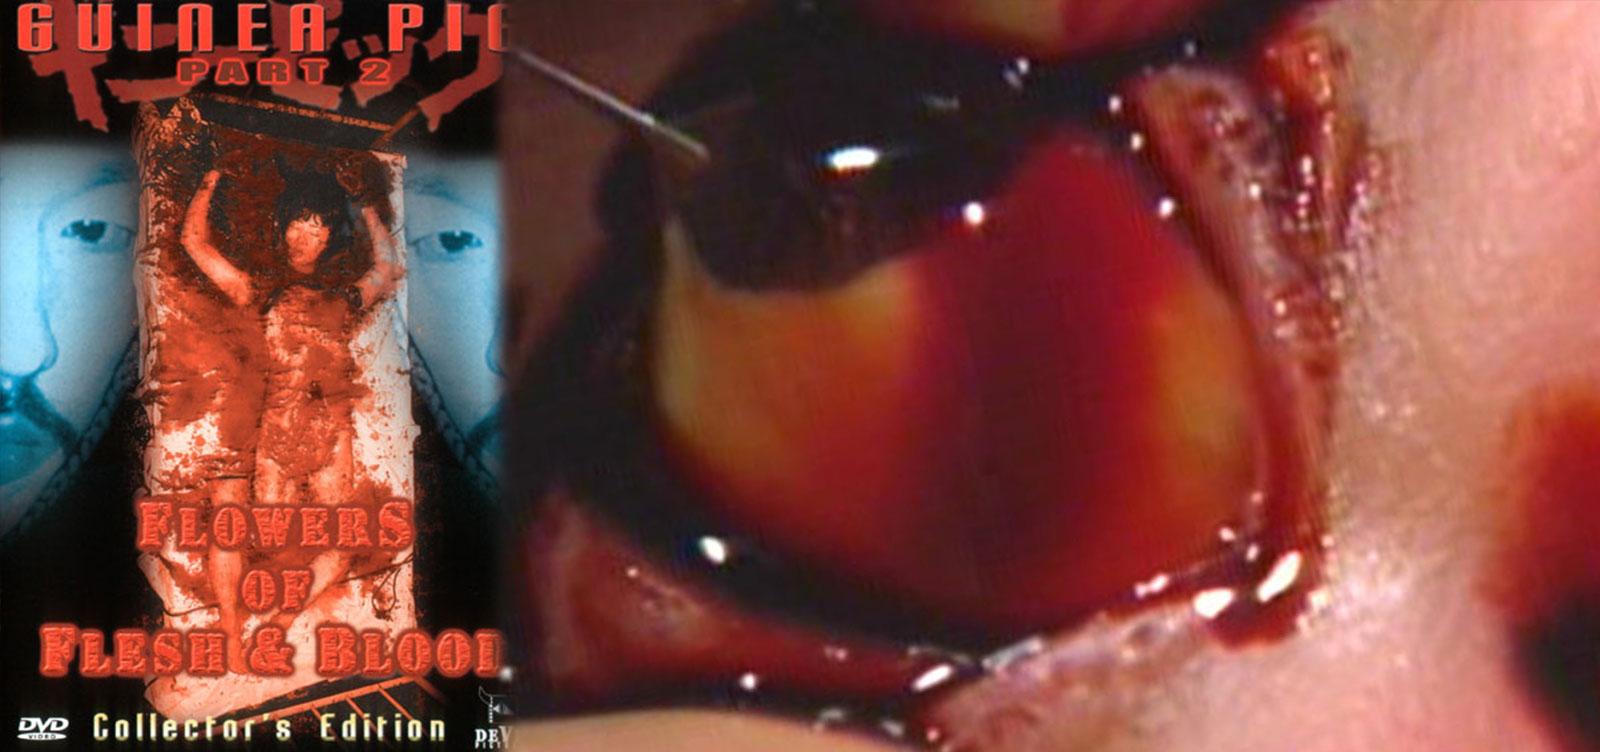 Eye_popping_Guineapig2_Review_Images_V01